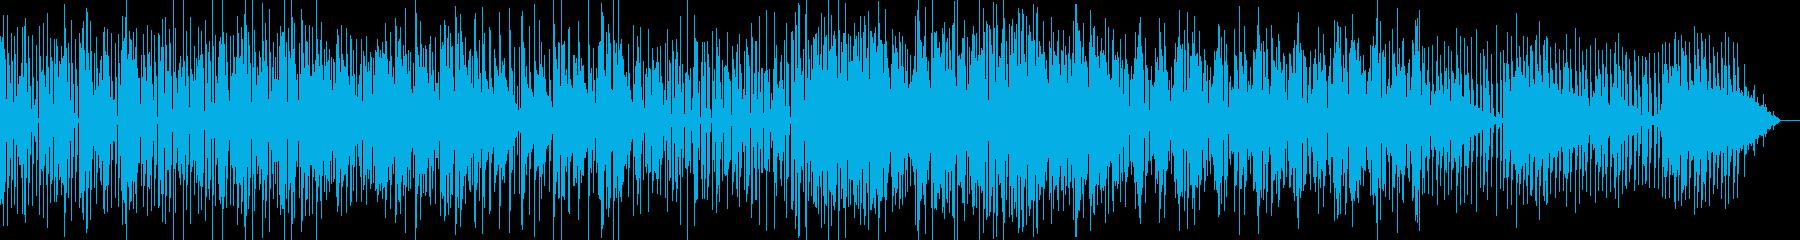 シンプルなローファイテクノの再生済みの波形